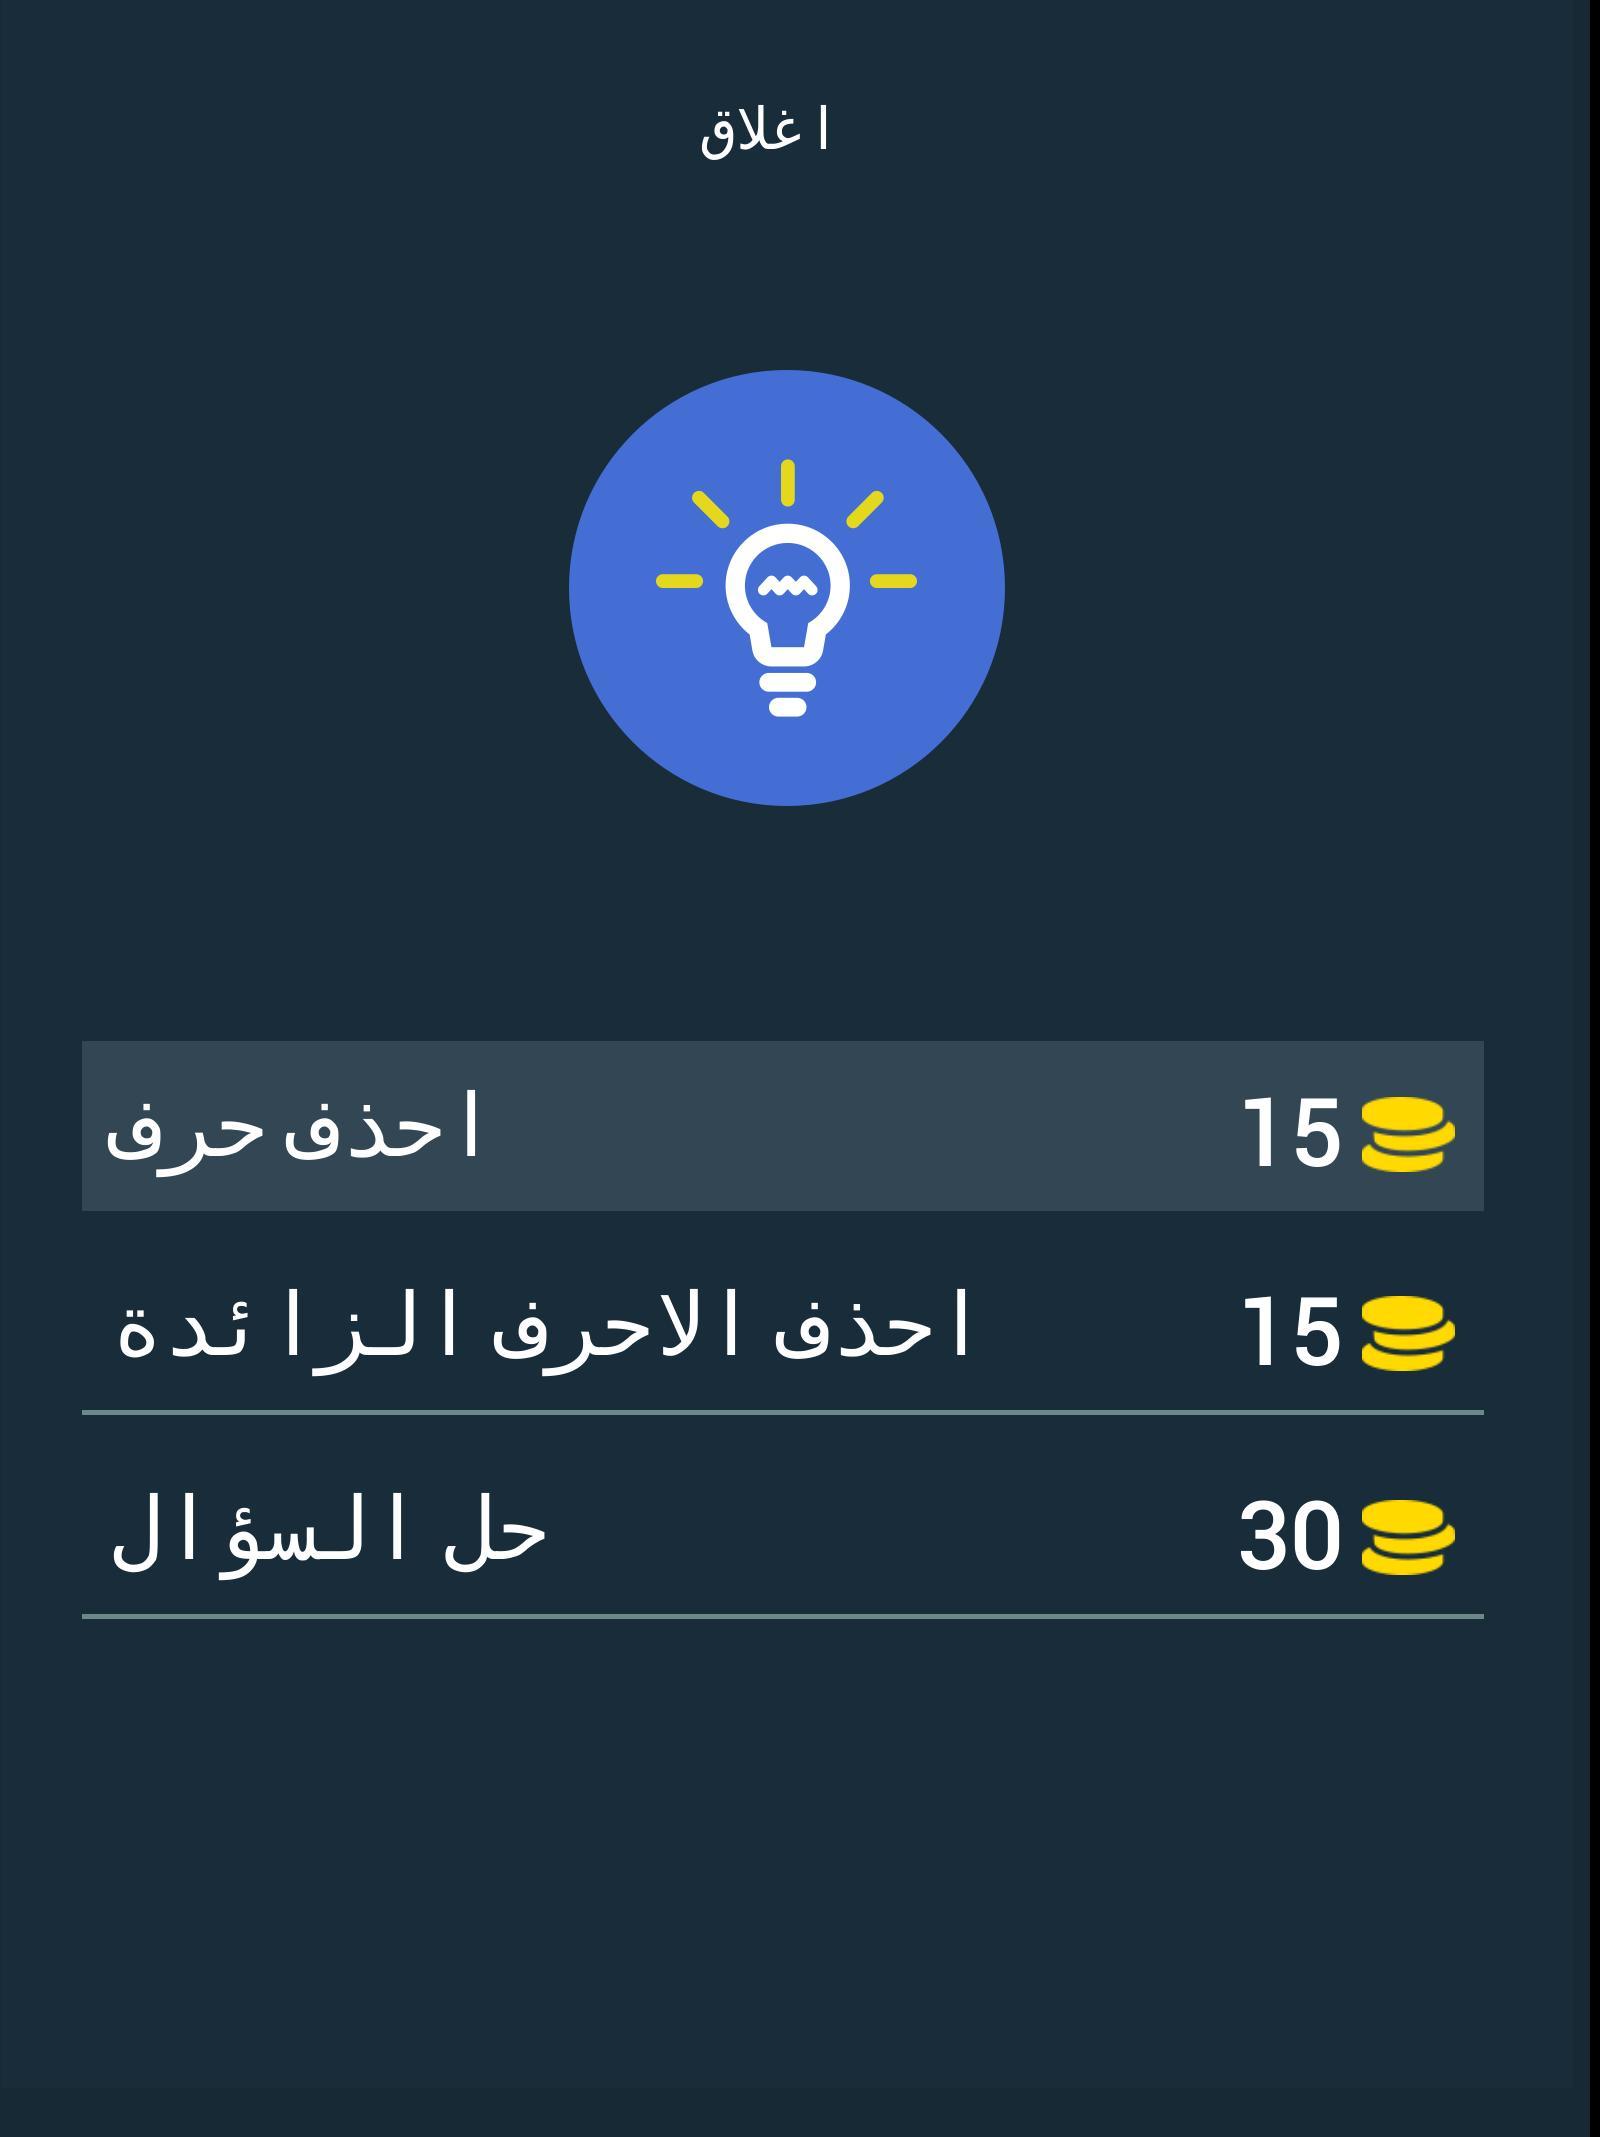 لعبة مشاهير العرب 6 تصوير الشاشة